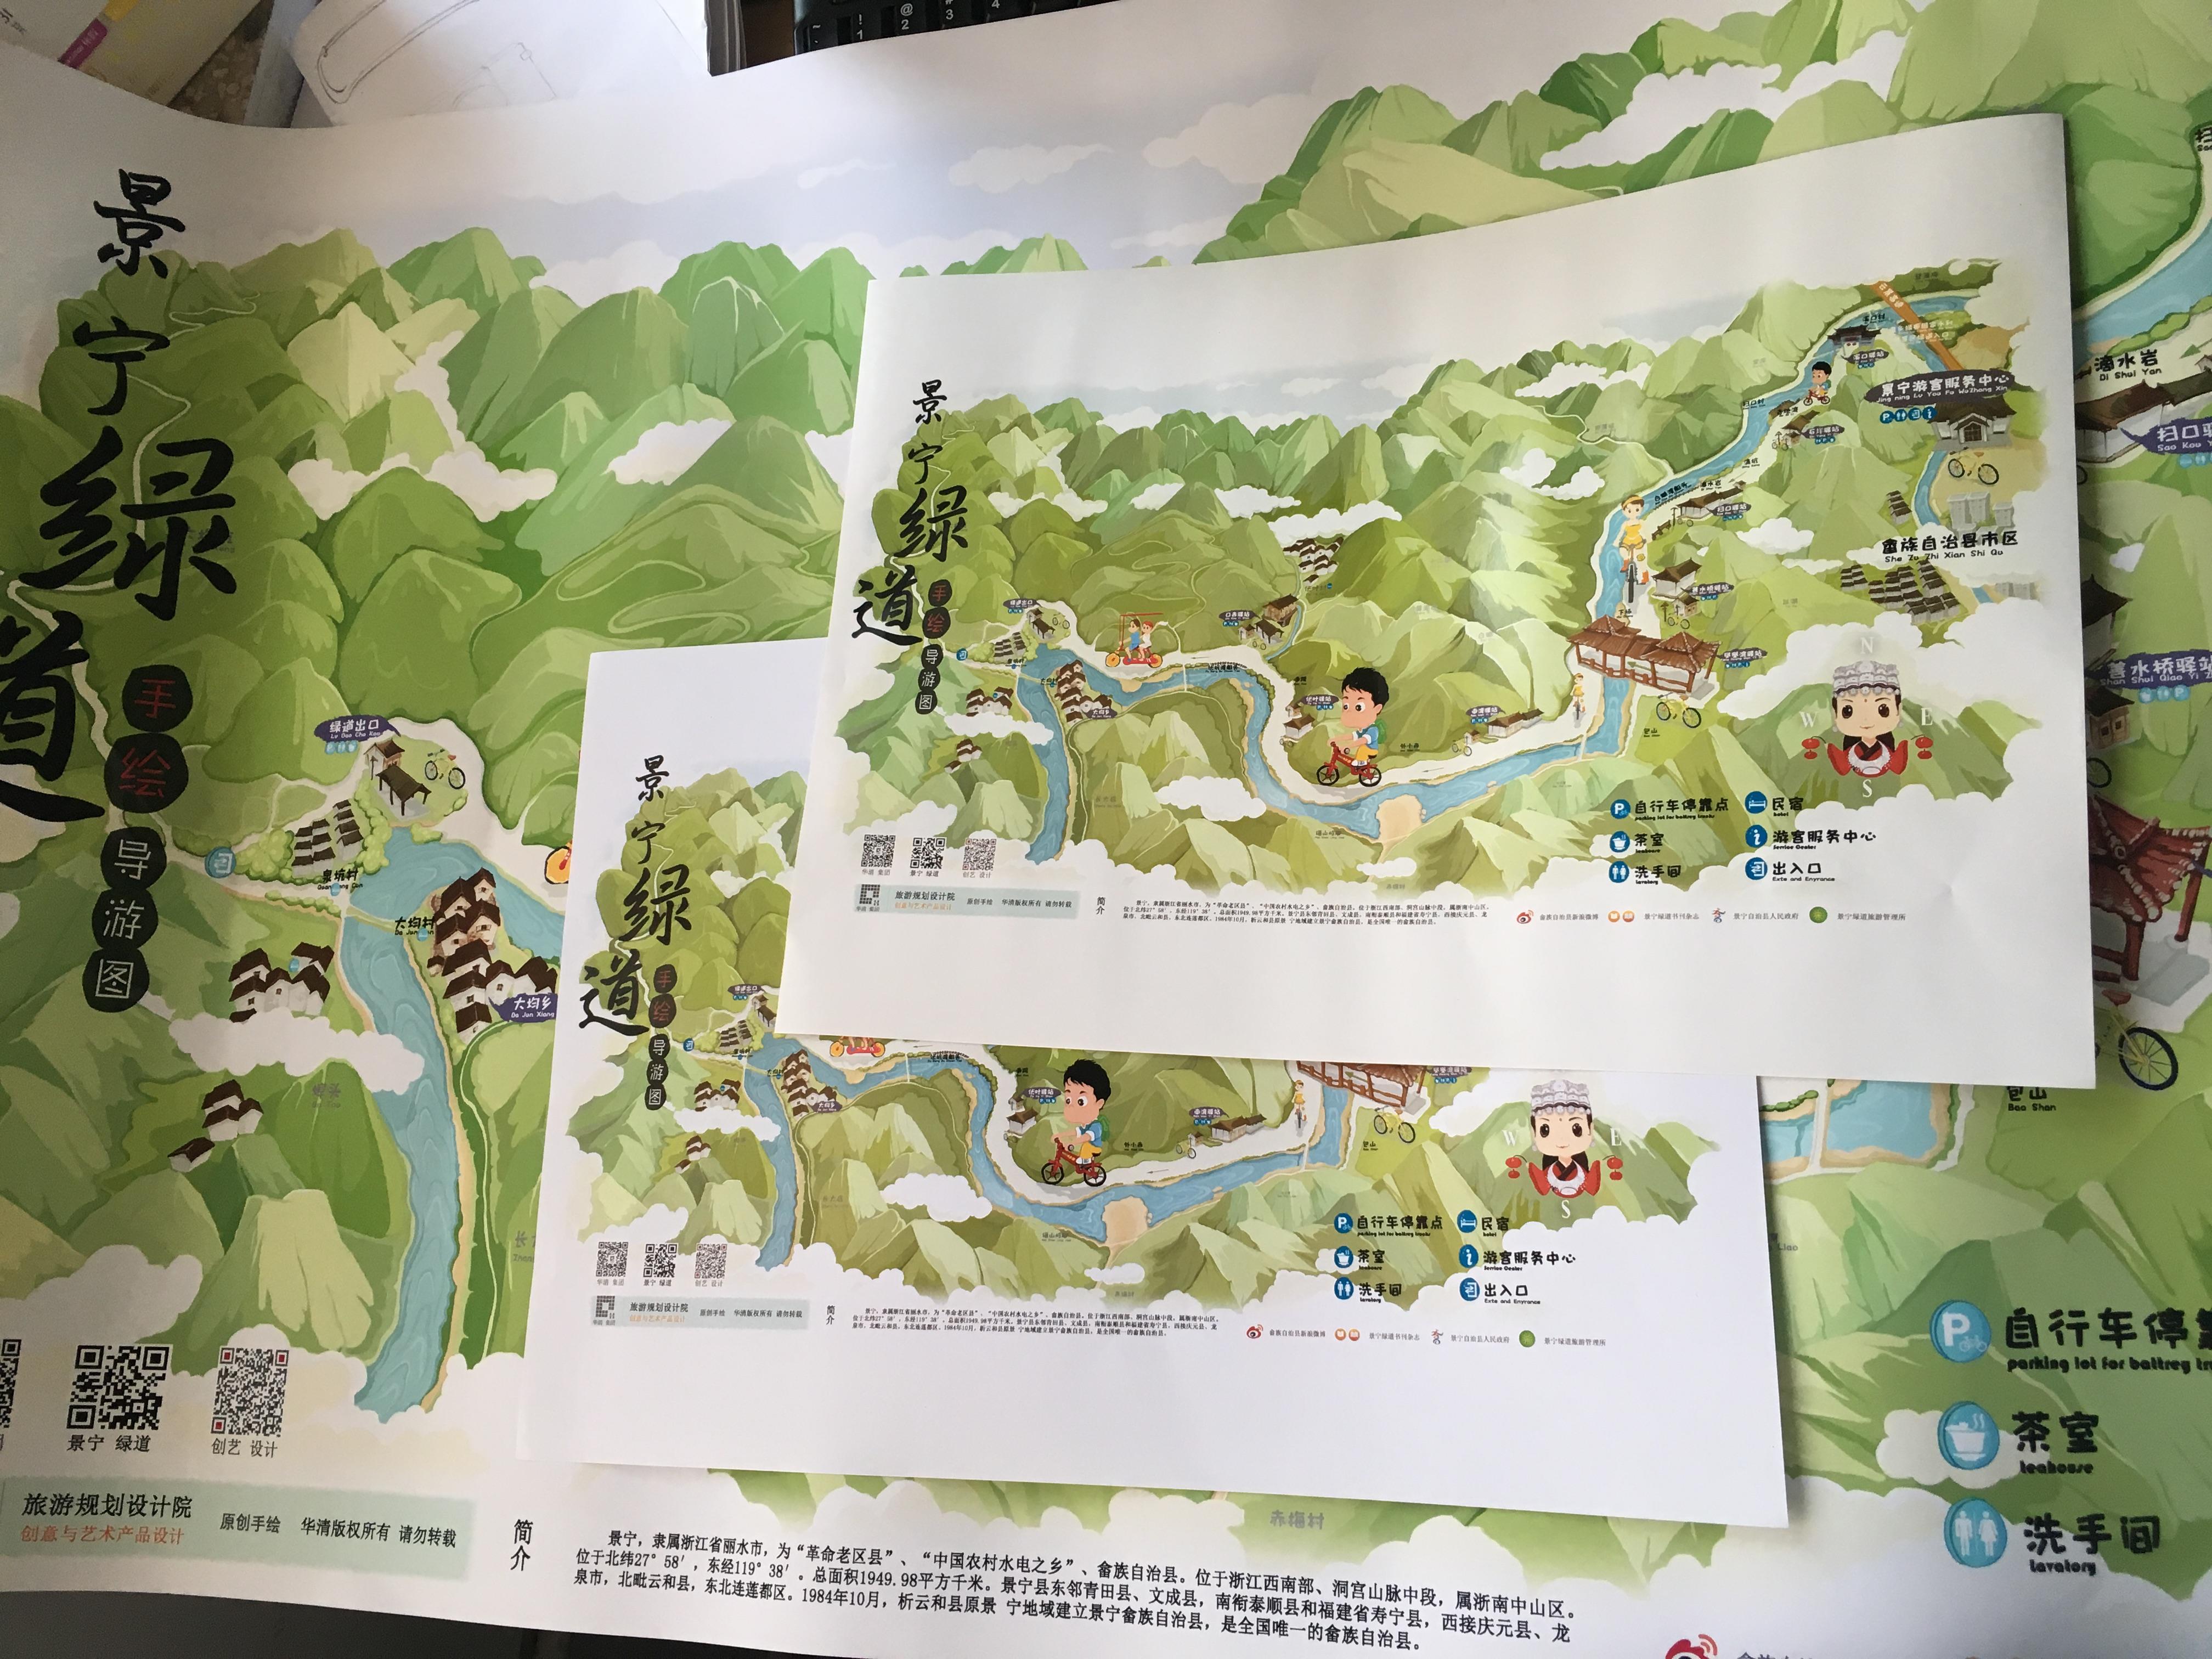 中国丽水景宁手绘导览图2016版(未完)